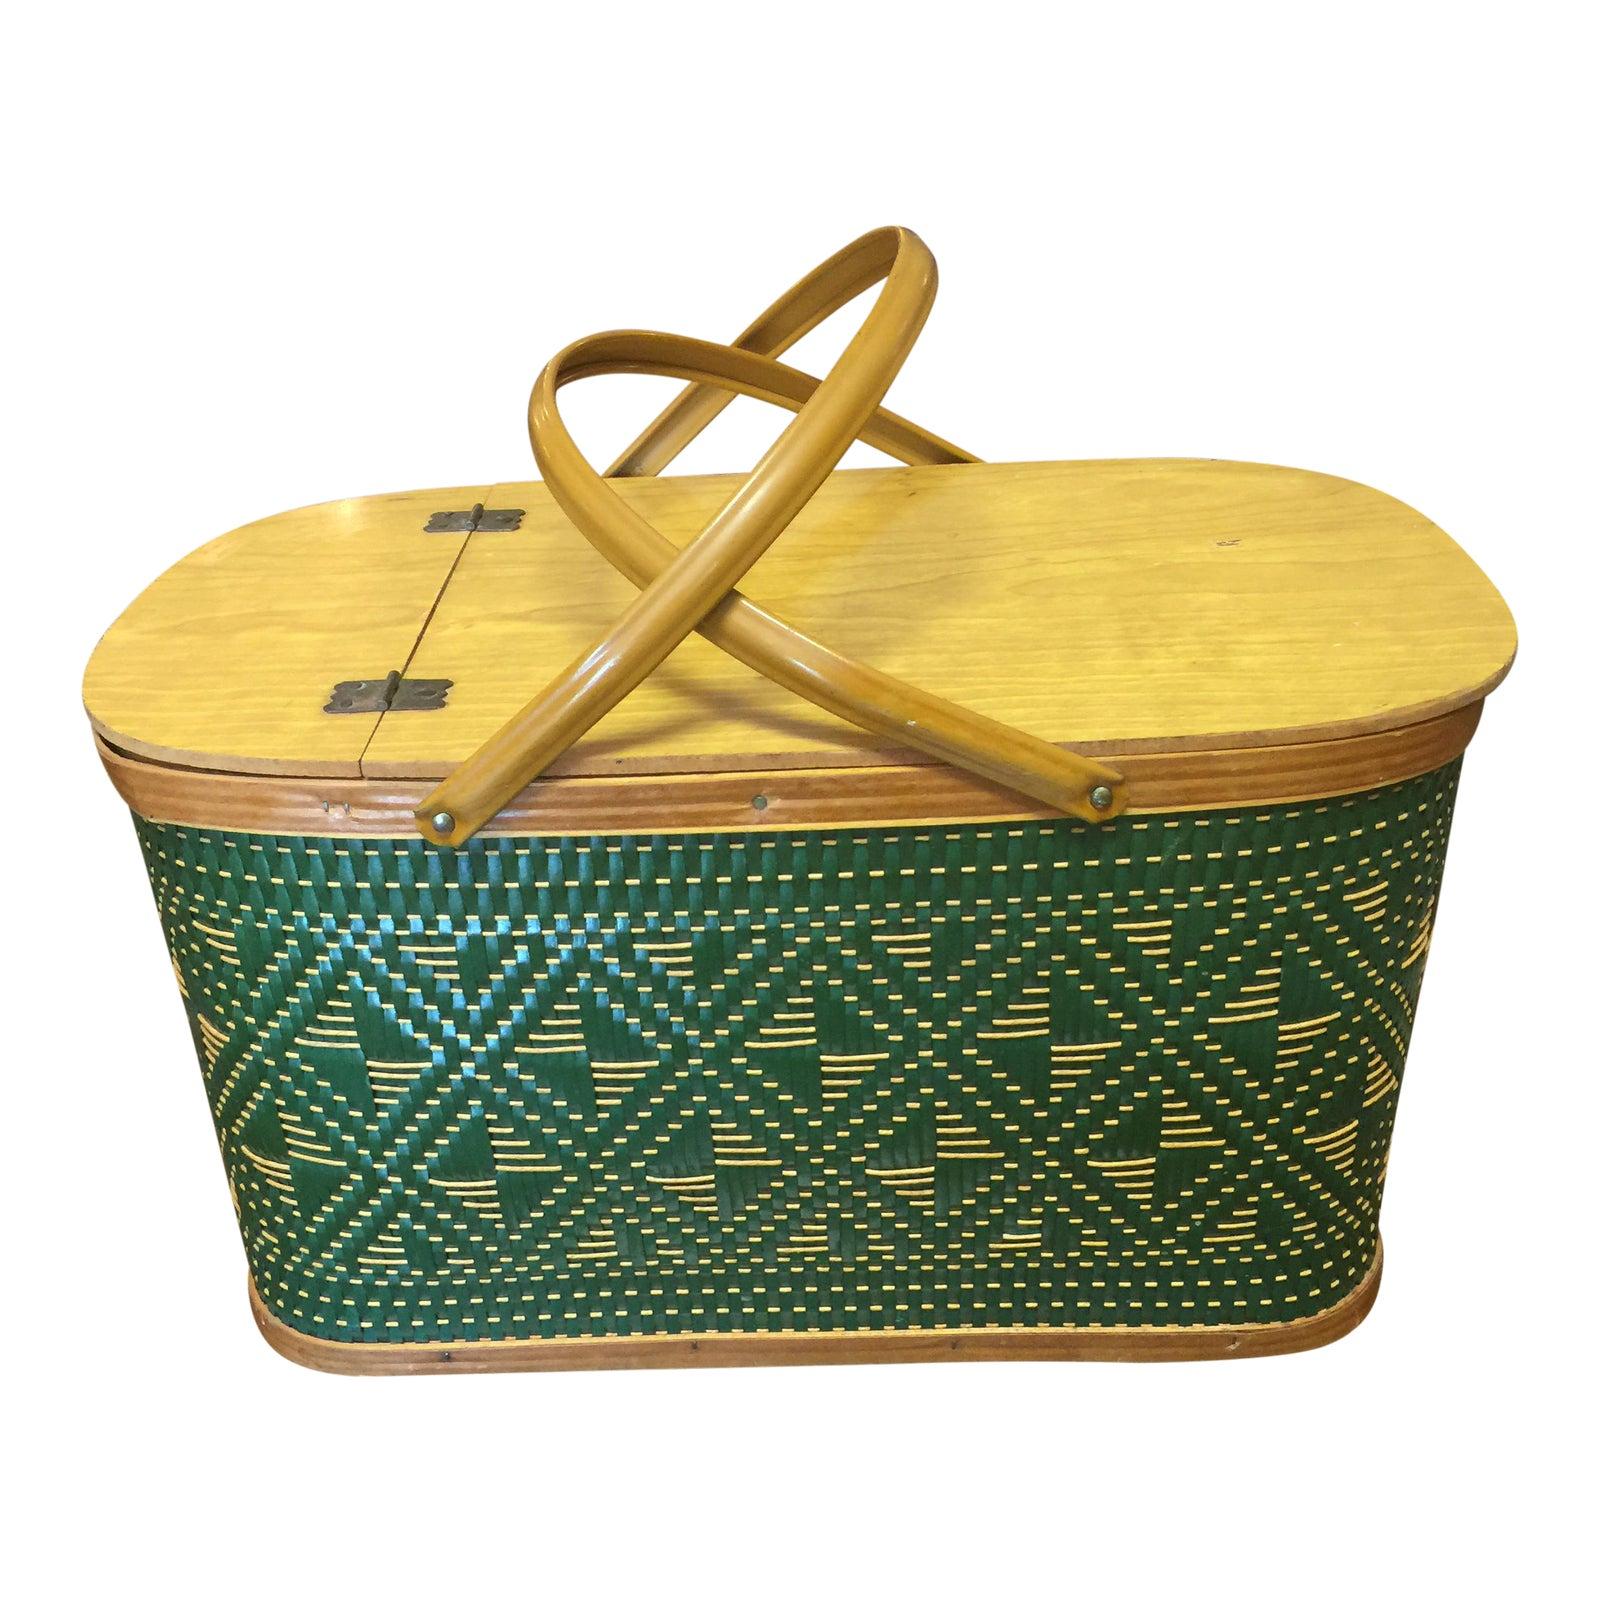 Vintage Burlington Green And Tan Woven Picnic Basket With Metal